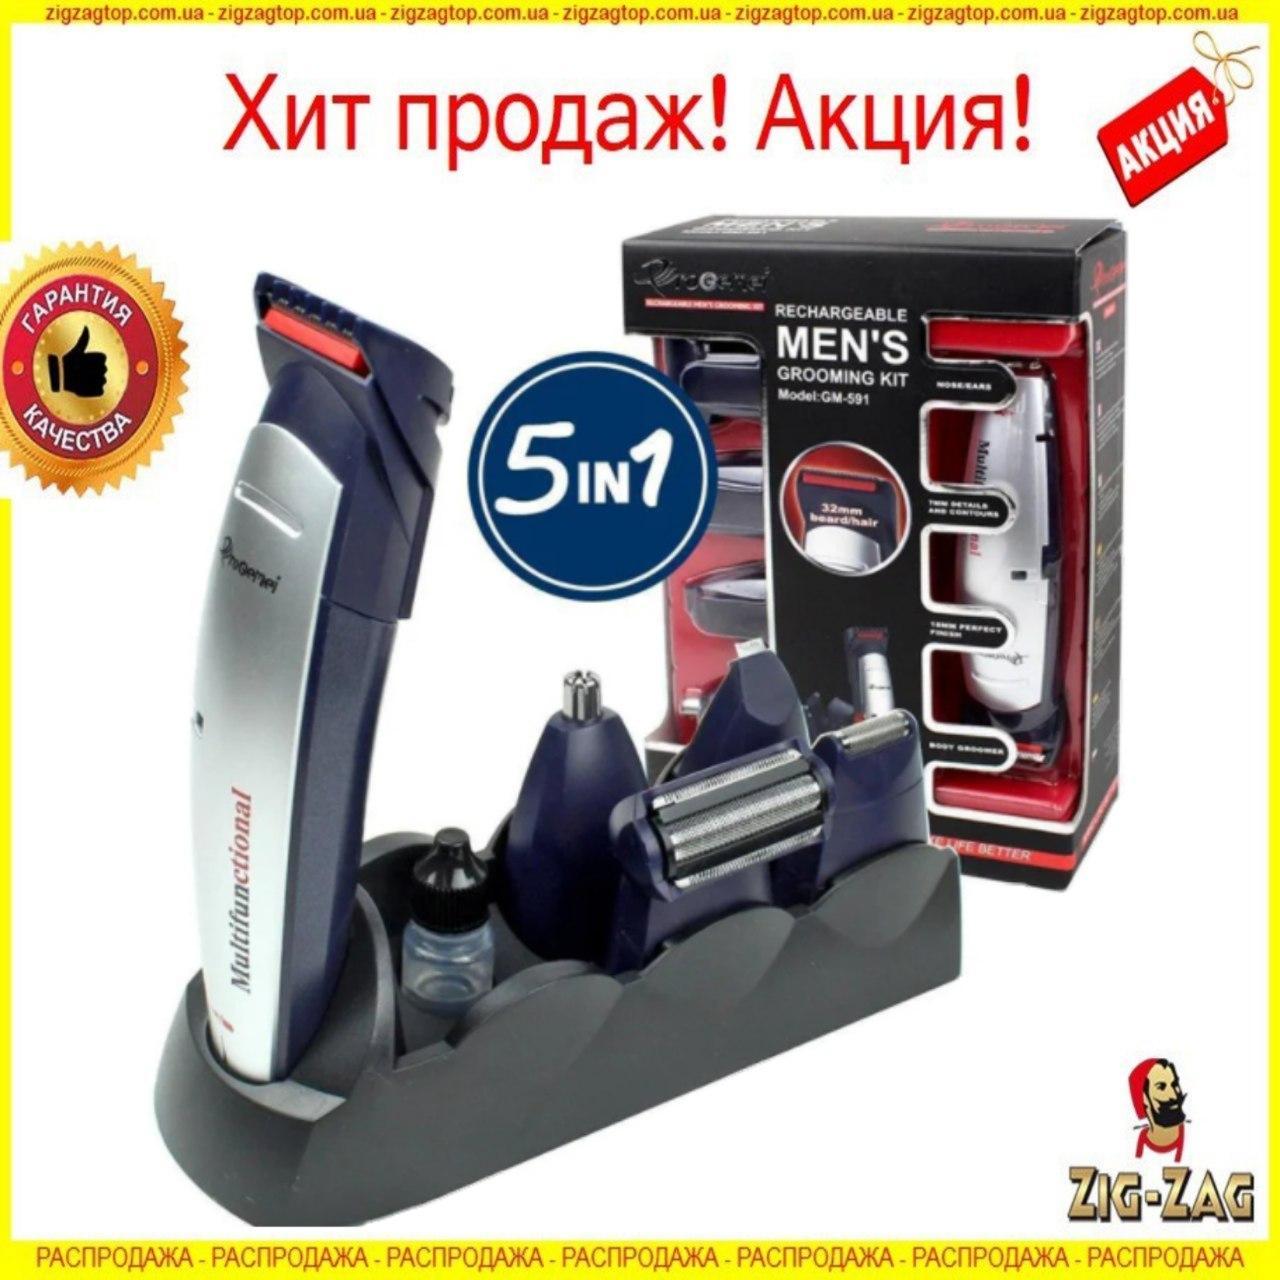 Профессиональная машинка для стрижки волос Gemei GM-591 для носа и ушей мультитриммер триммер для волос NEW